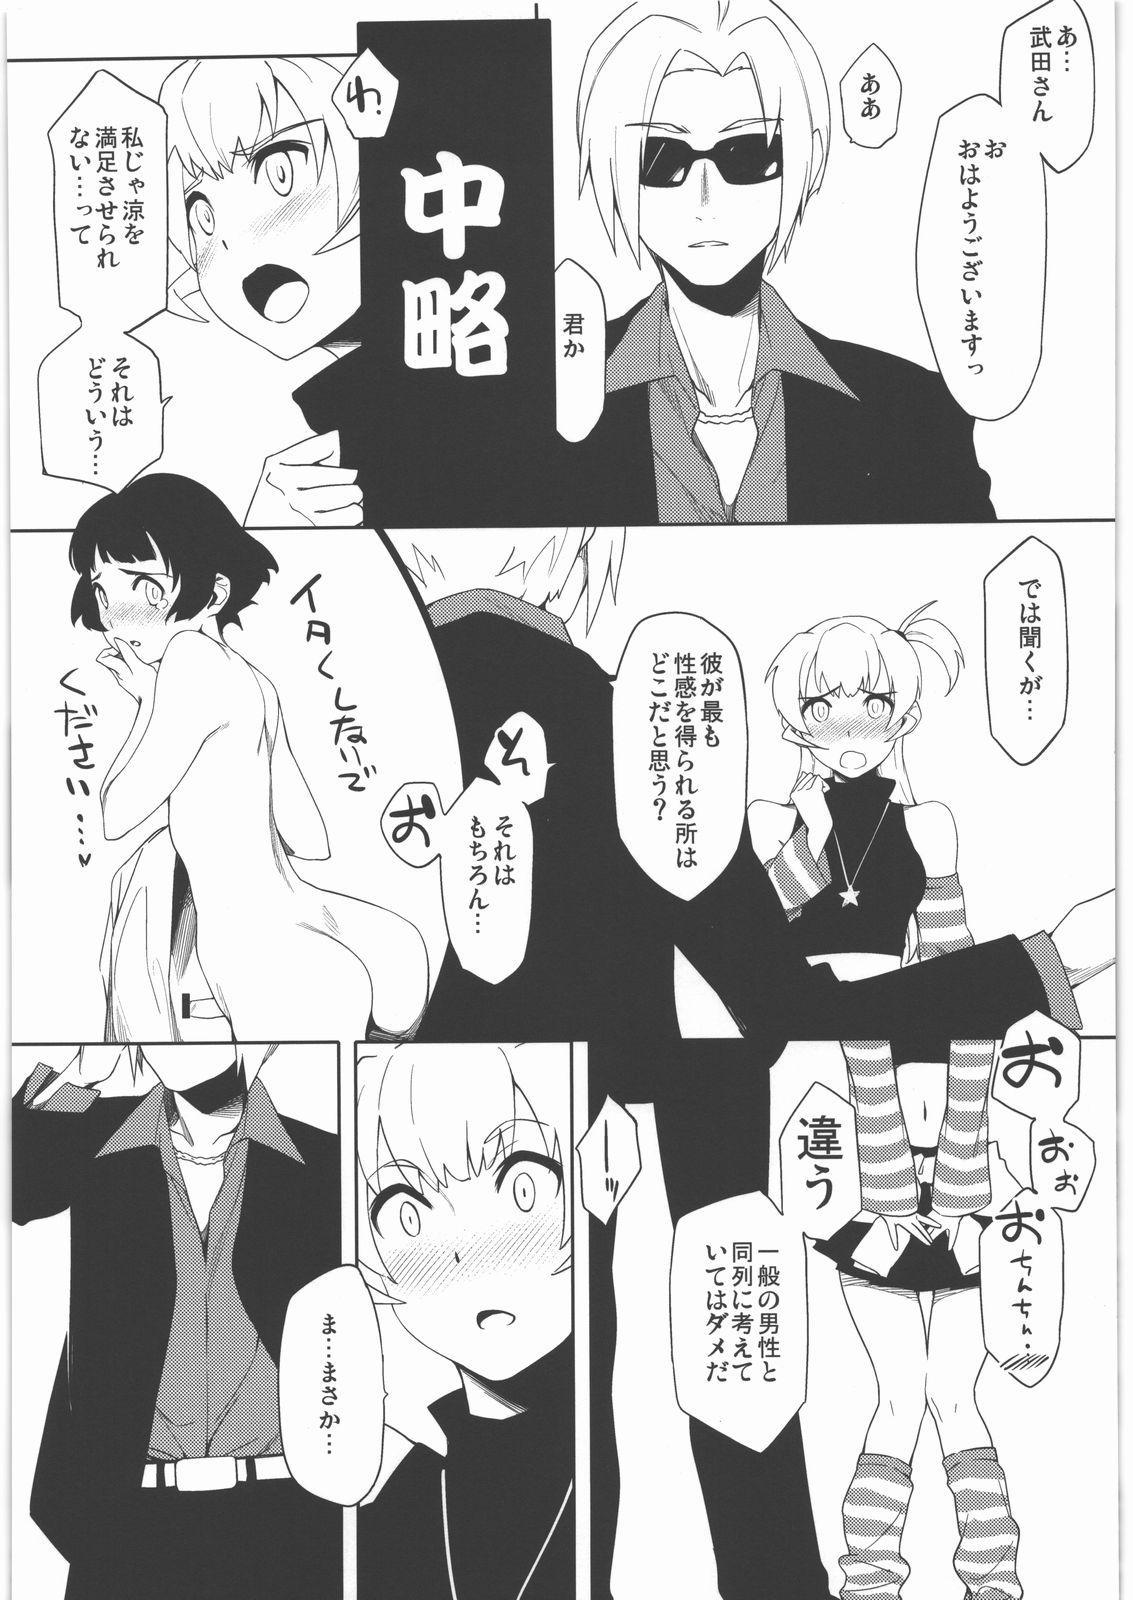 Otokonoko da toka Onnanoko da toka Sonna Koto wa Kankei Nai no desu! 11